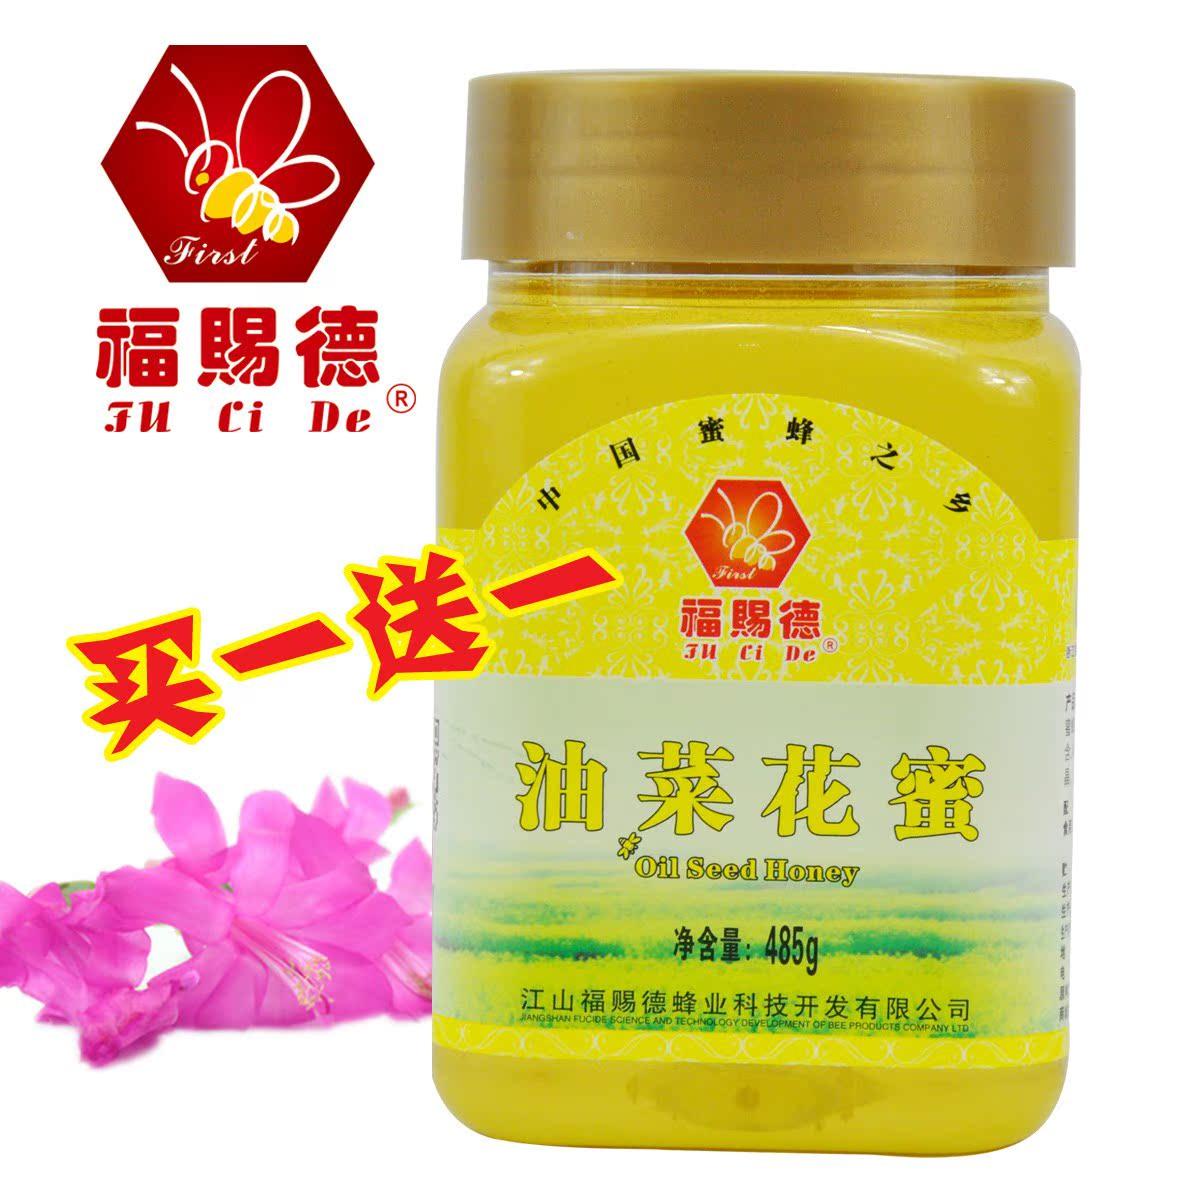 福赐德活性油菜花蜂蜜 纯天然农家油菜蜜 易结晶的蜂蜜 买一送一